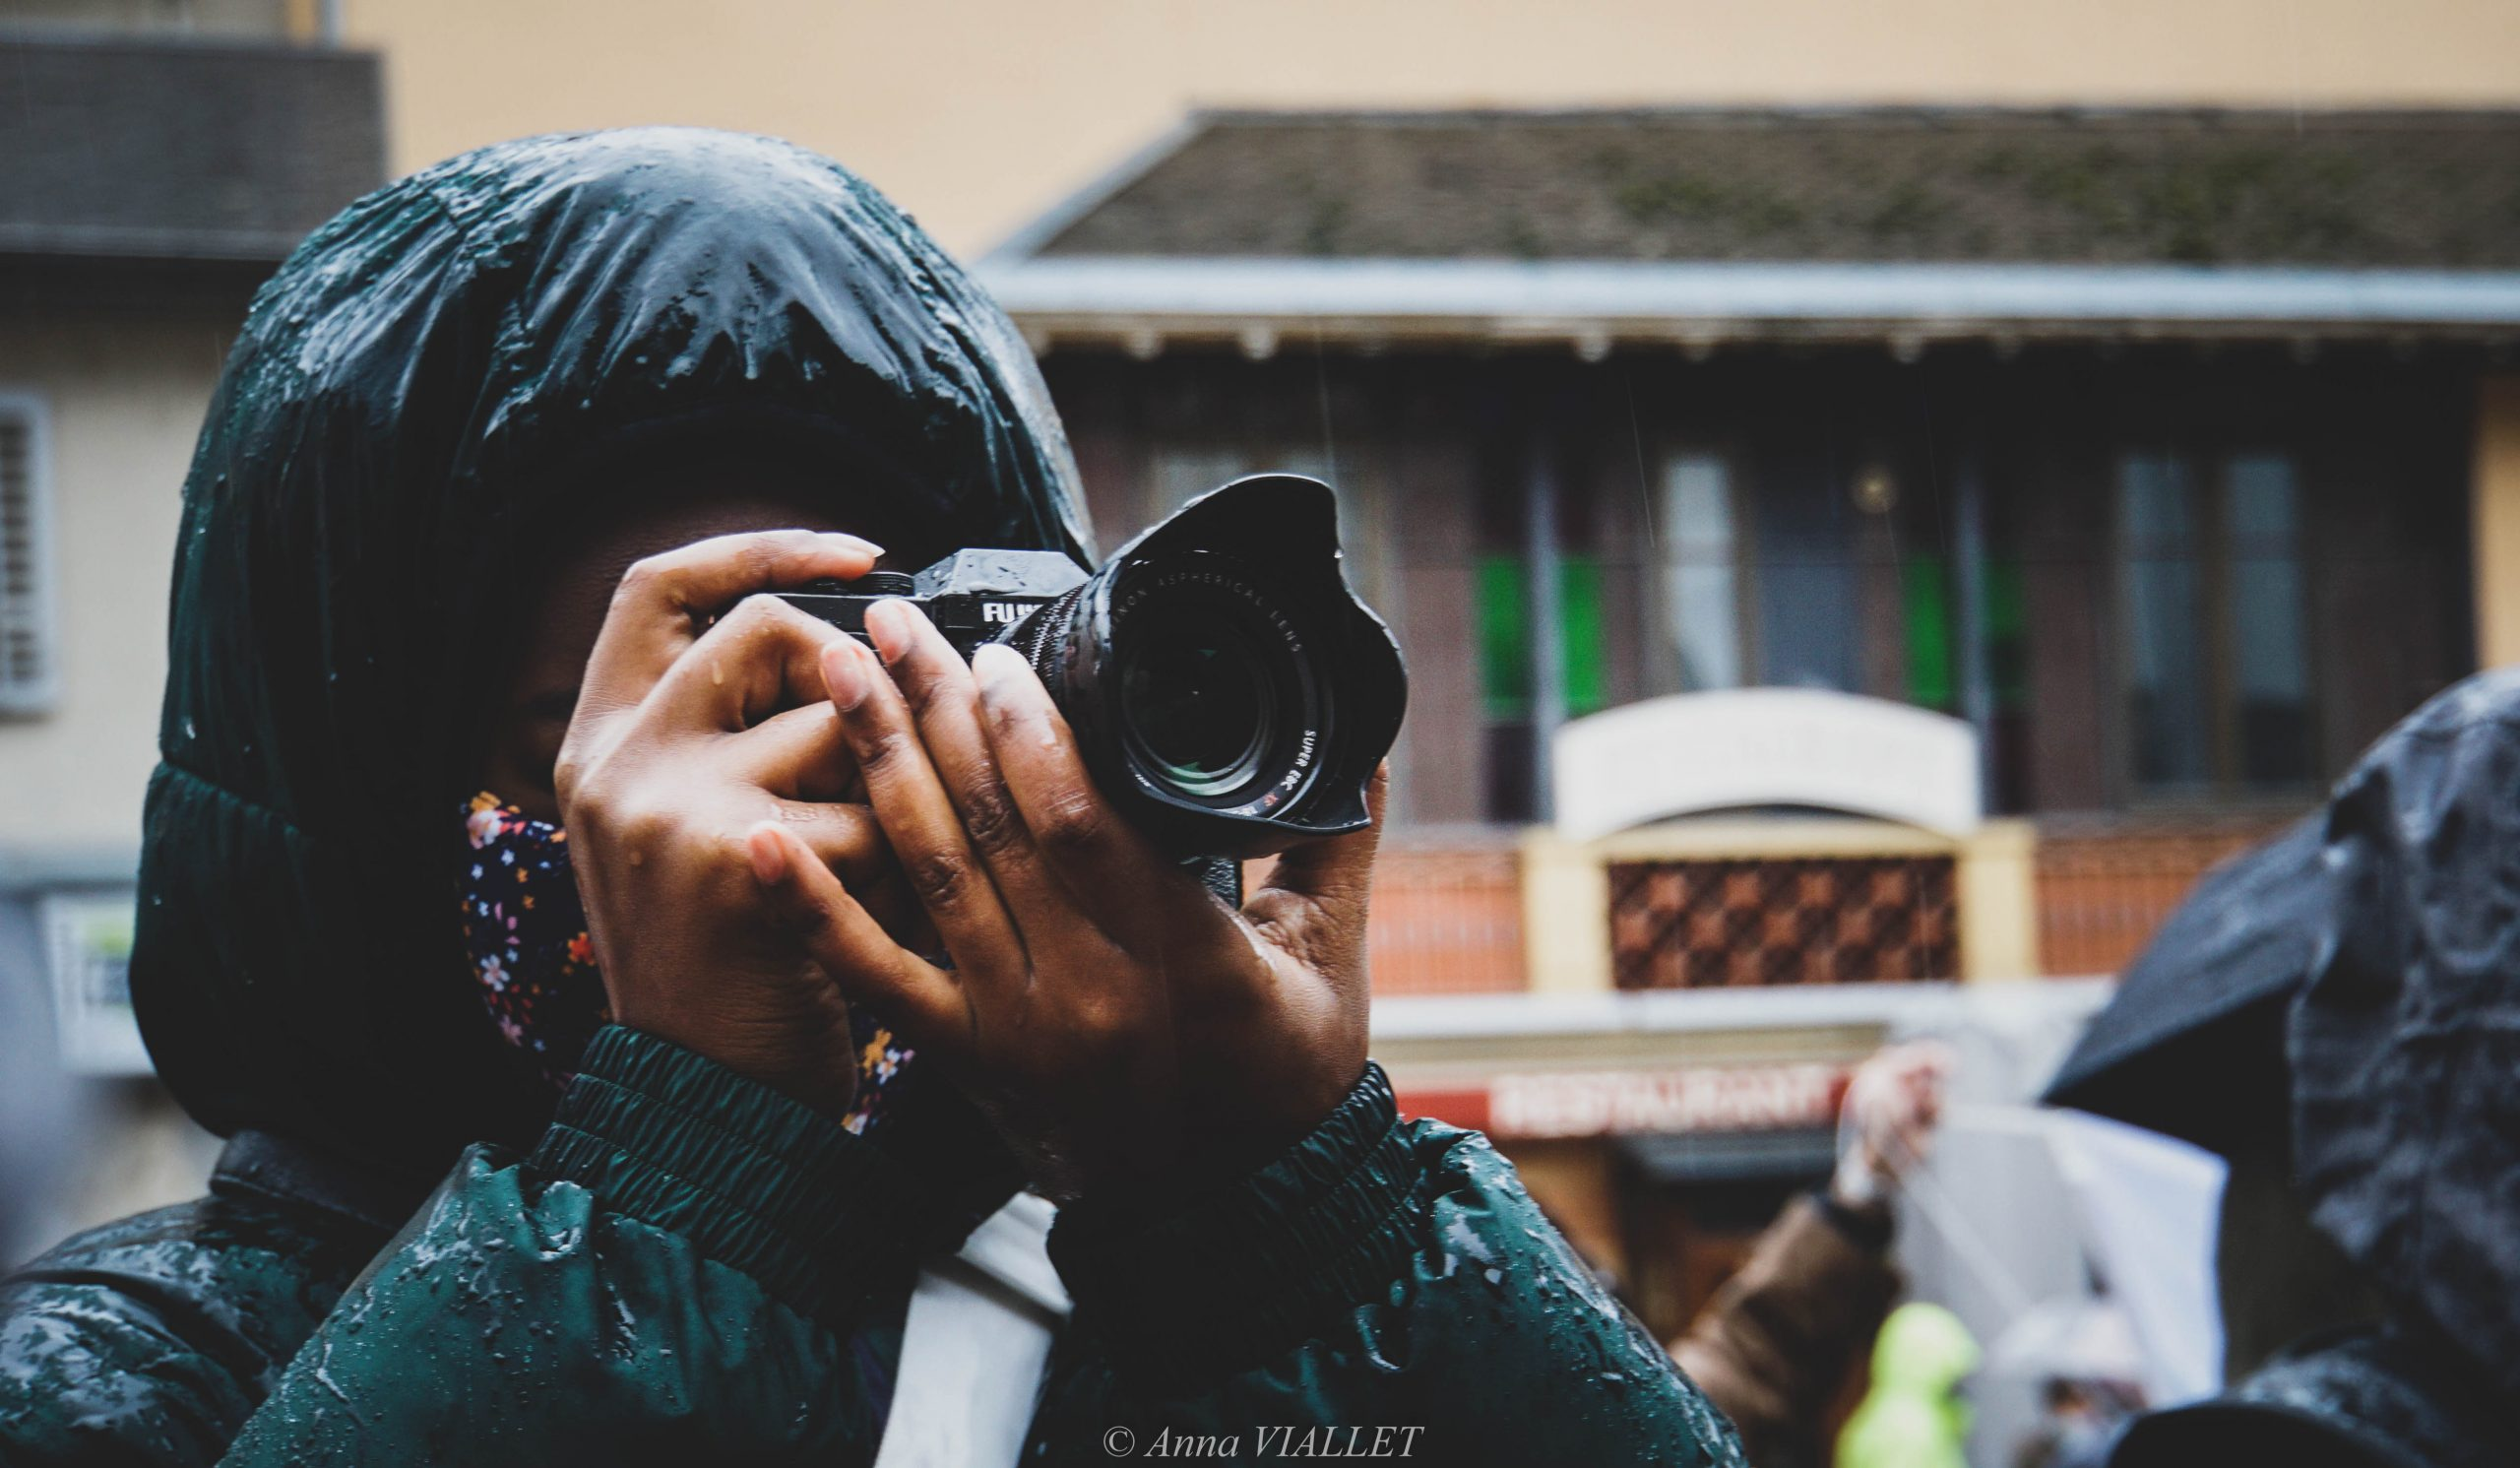 Le militantisme féministe à travers la photographie